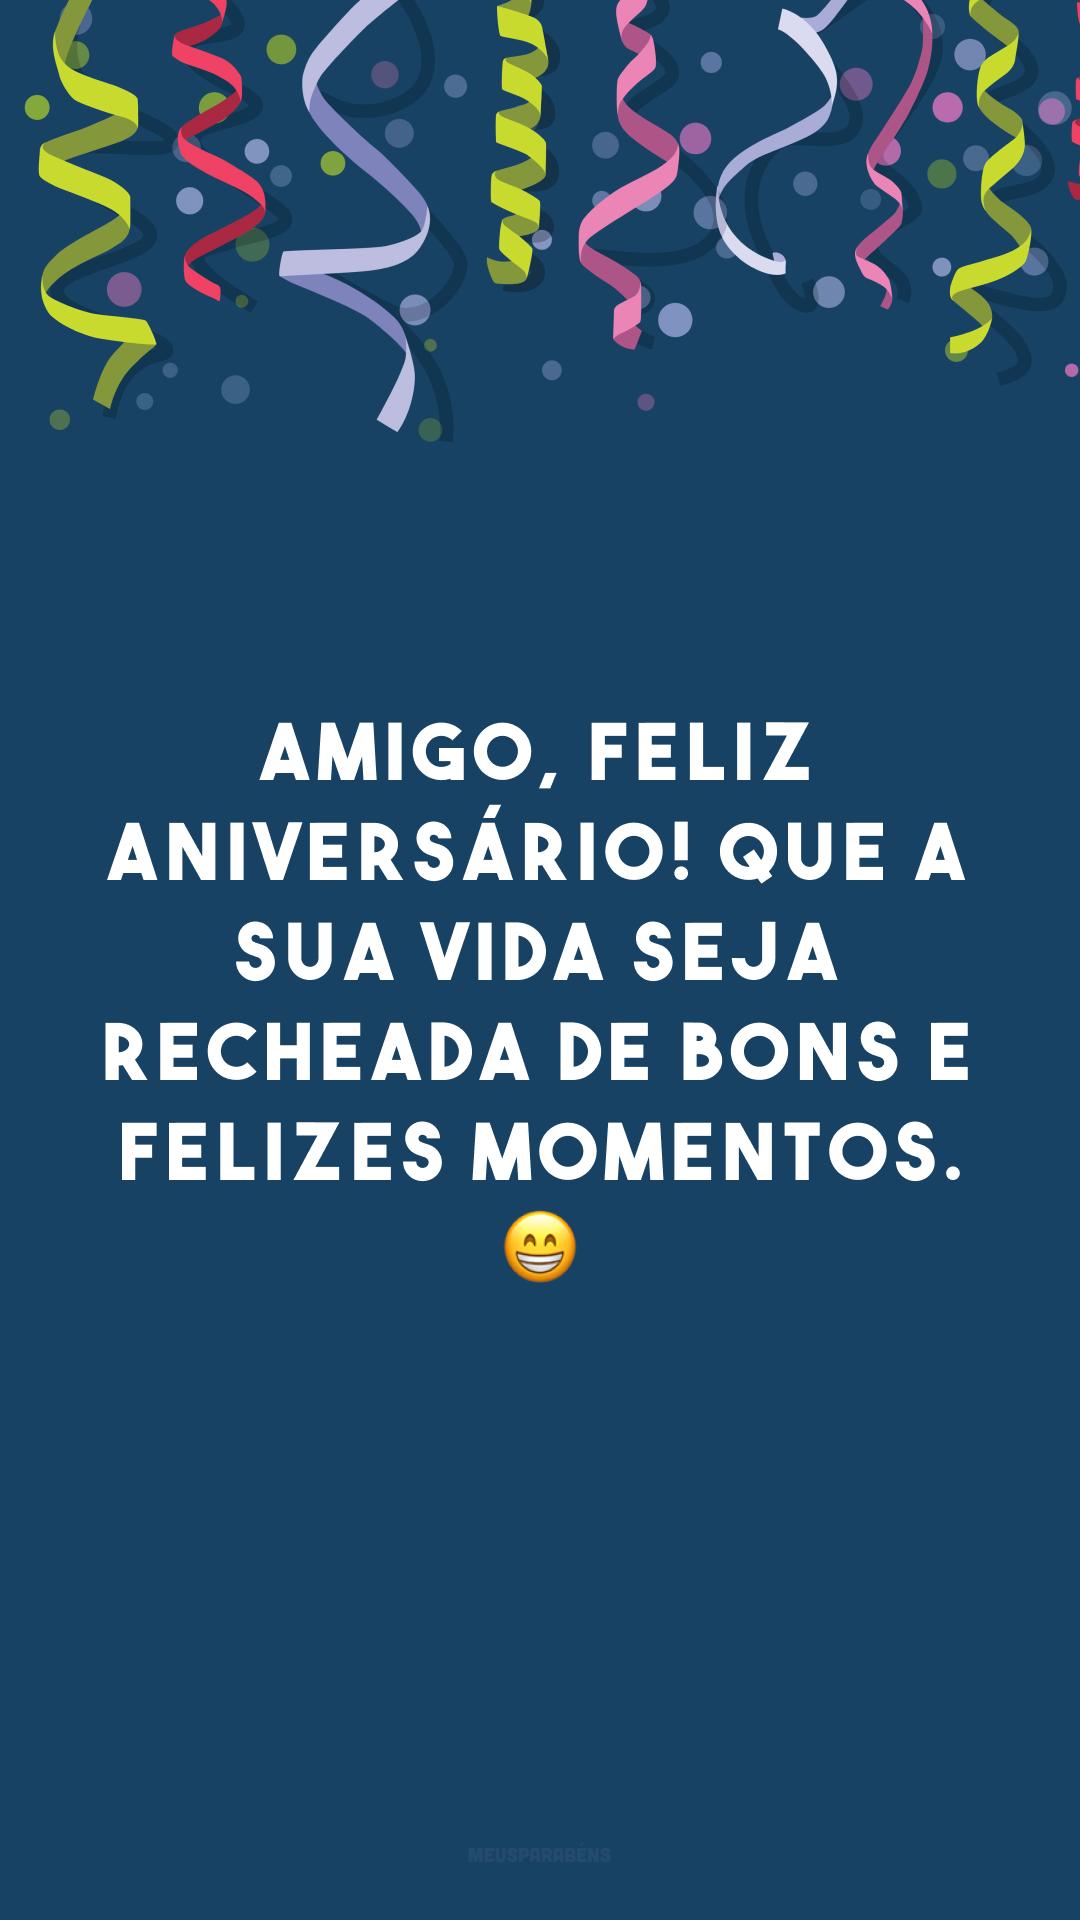 Amigo, feliz aniversário! Que a sua vida seja recheada de bons e felizes momentos. 😁